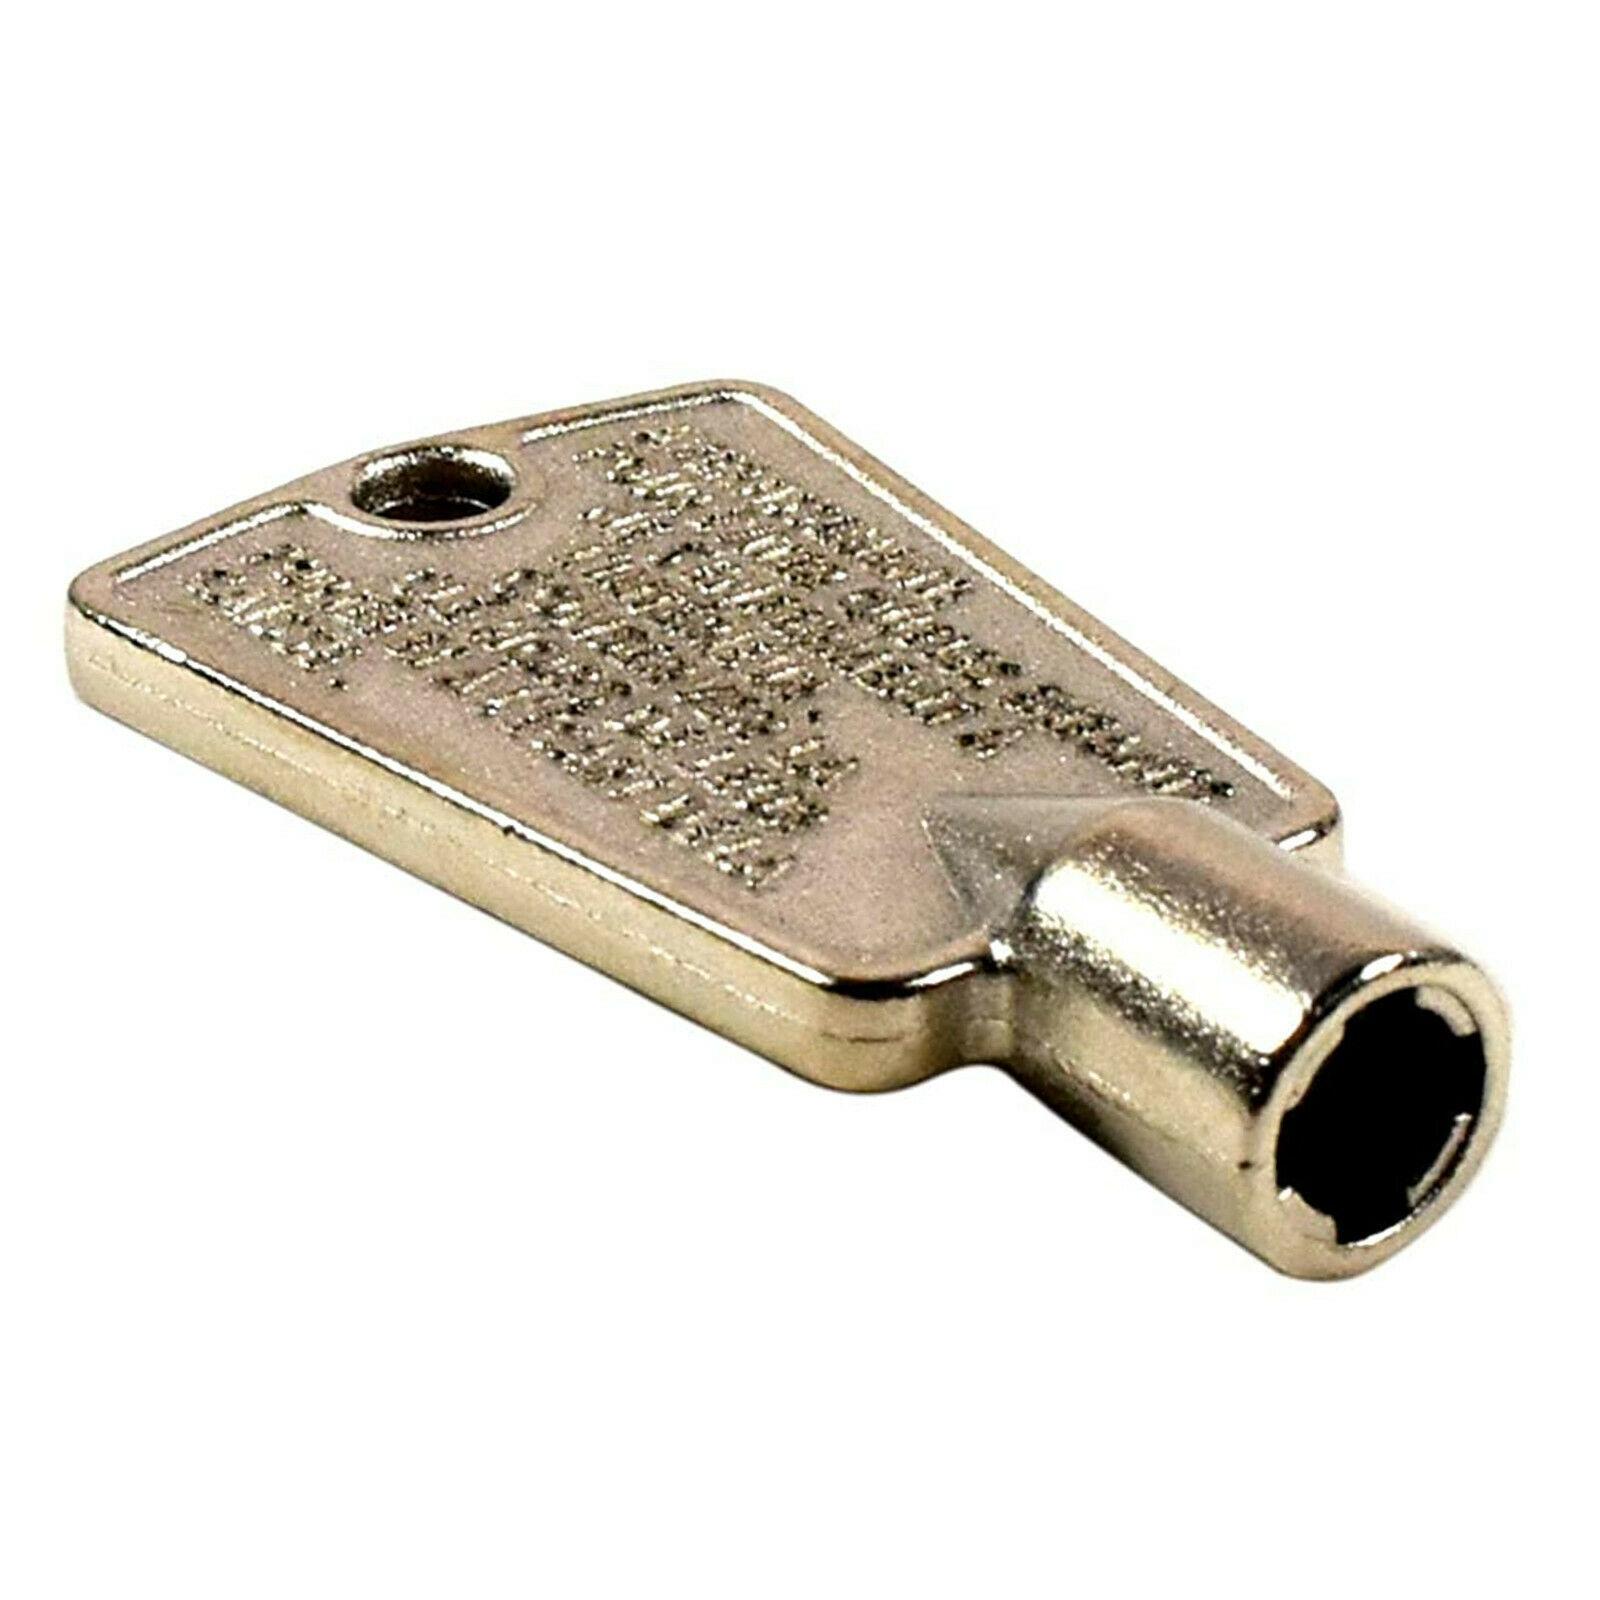 HQRP Freezer Door Key fits Kenmore AP4301346 PS1991481 06599905 08037402 12849 - $4.95